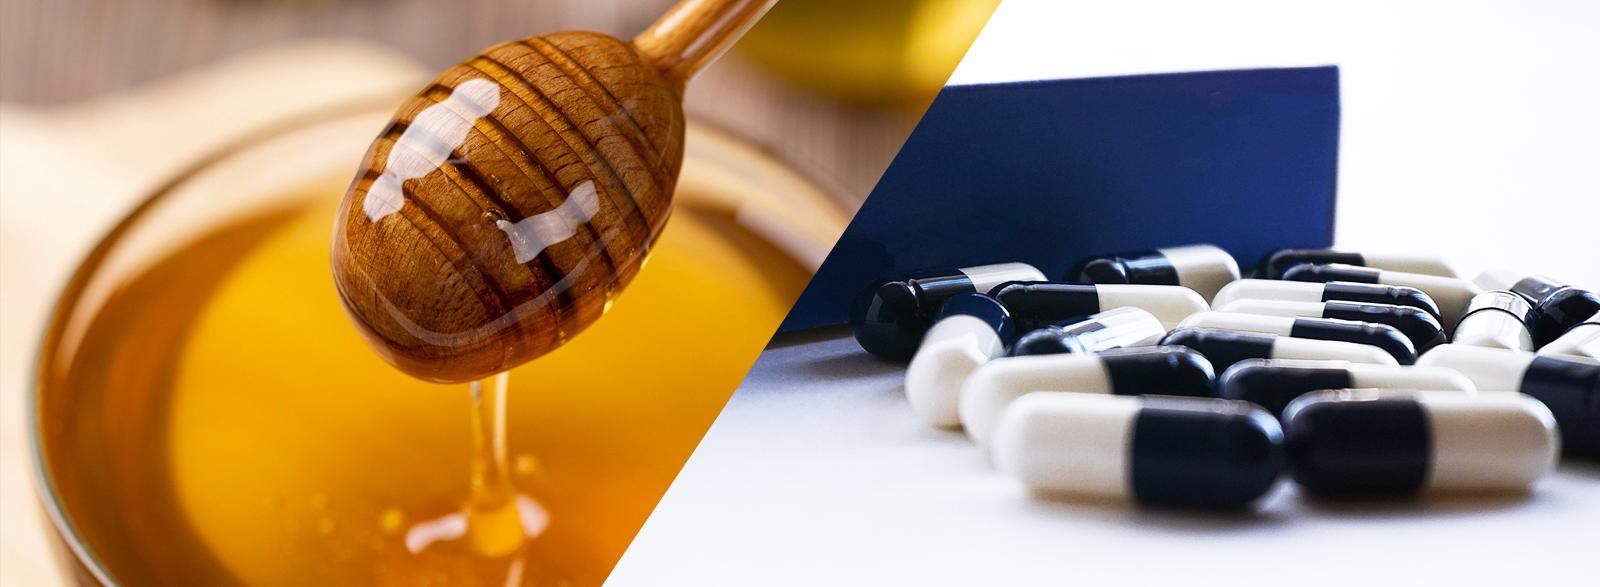 Analyse von Lebensmitteln und Pharmaprodukten bei QSI und DSI